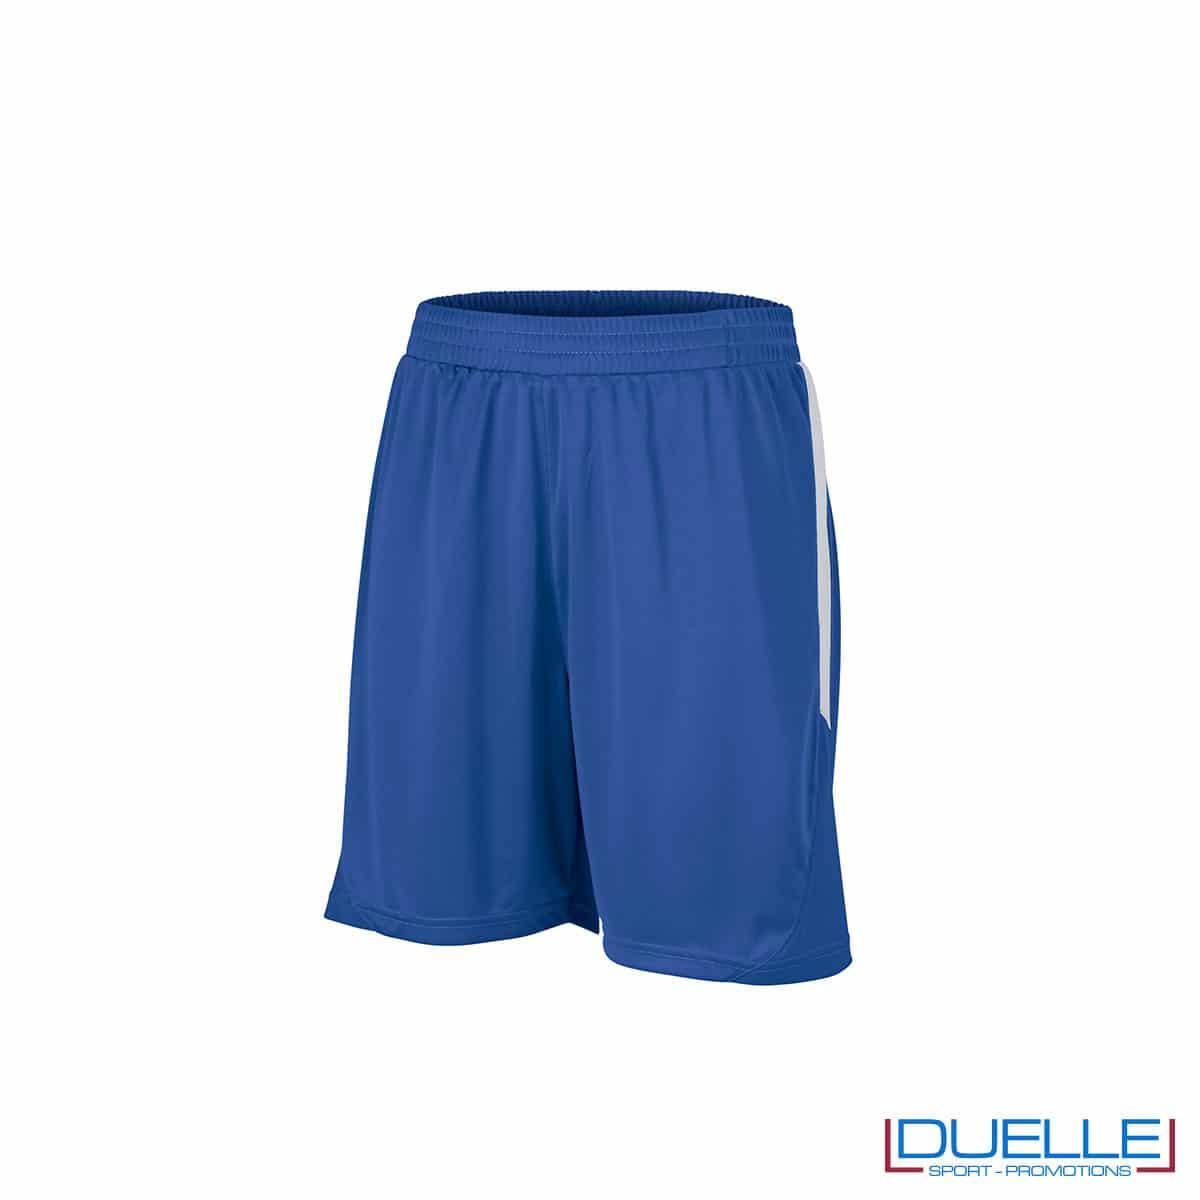 Pantaloncini calcio colore blu royal-bianco personalizzati